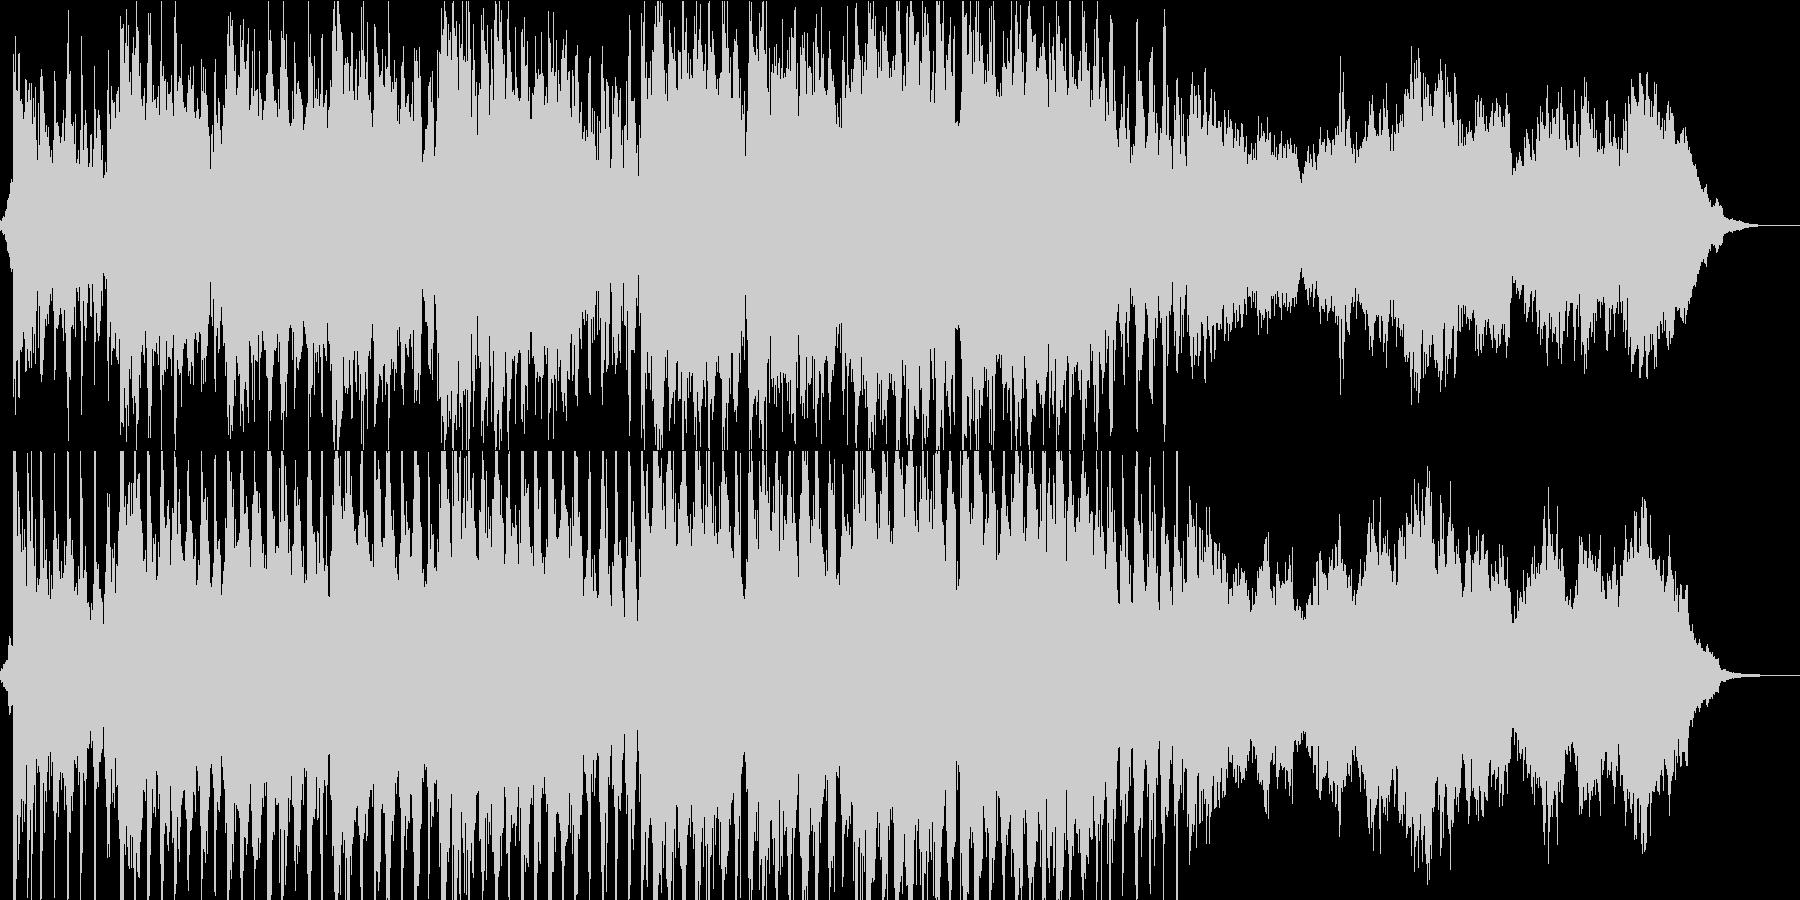 ヨーロッパ/ケルト風/壮大なオープニングの未再生の波形